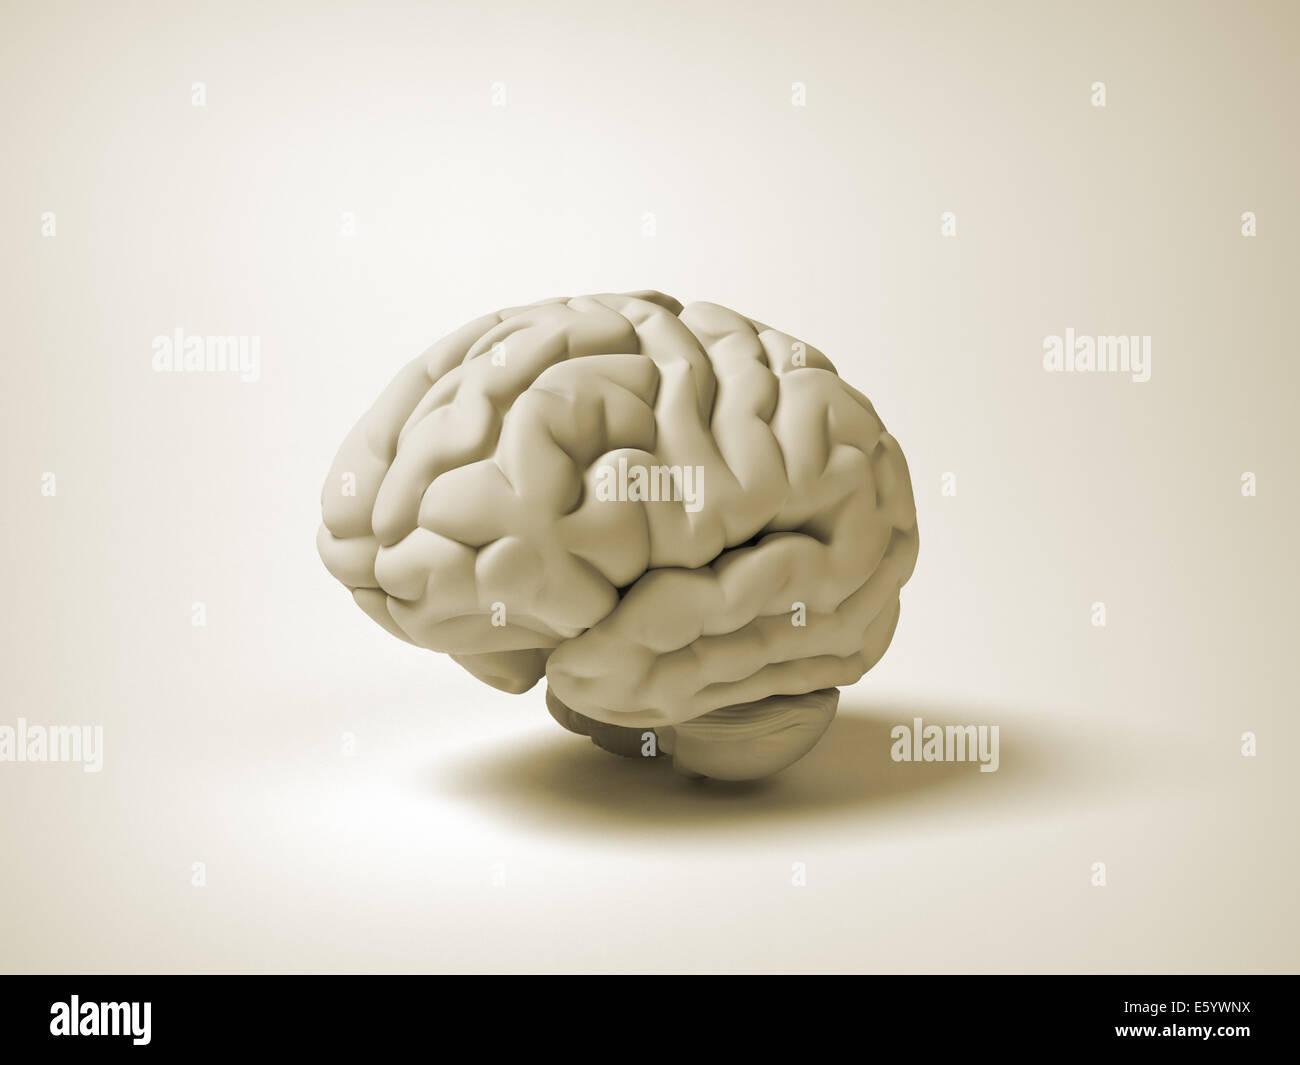 Cerebro Humano conceptual - 3D Render ilustración Imagen De Stock